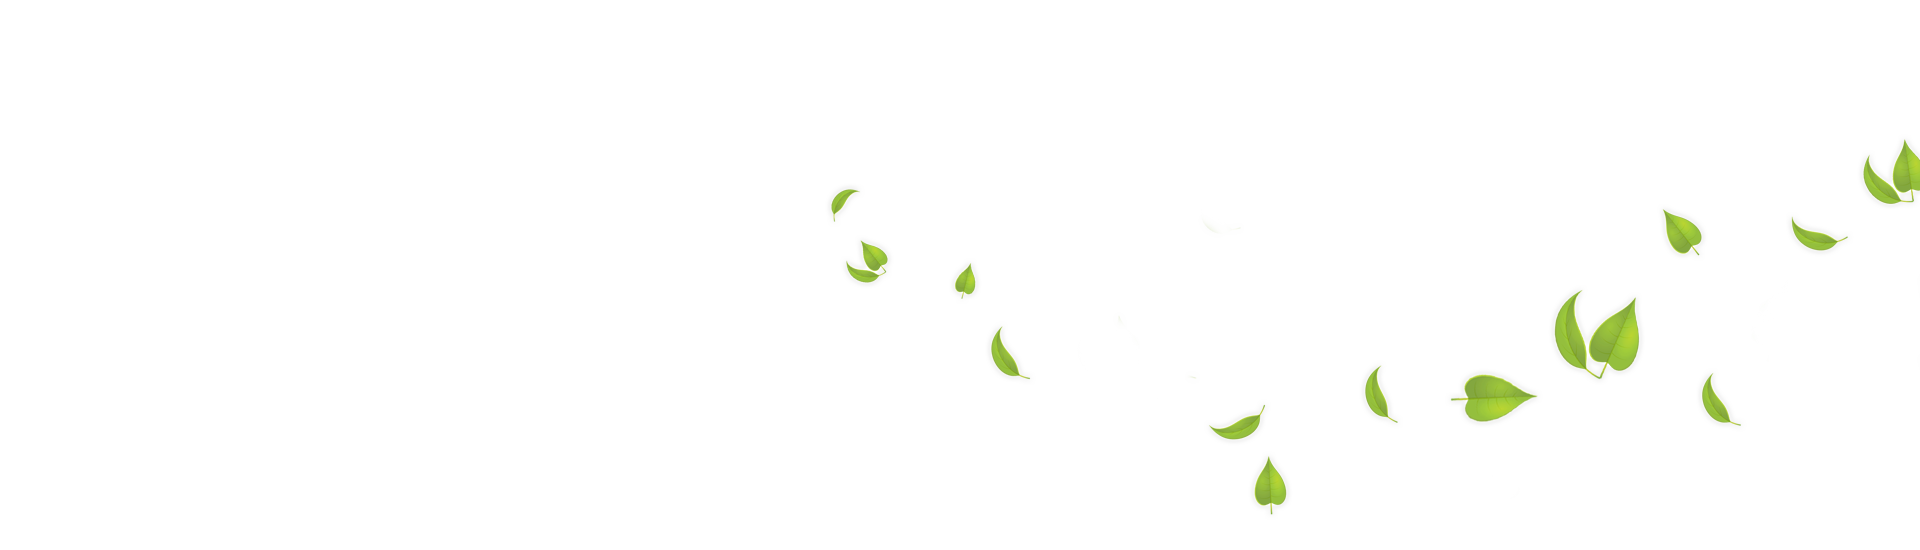 flying leaf png